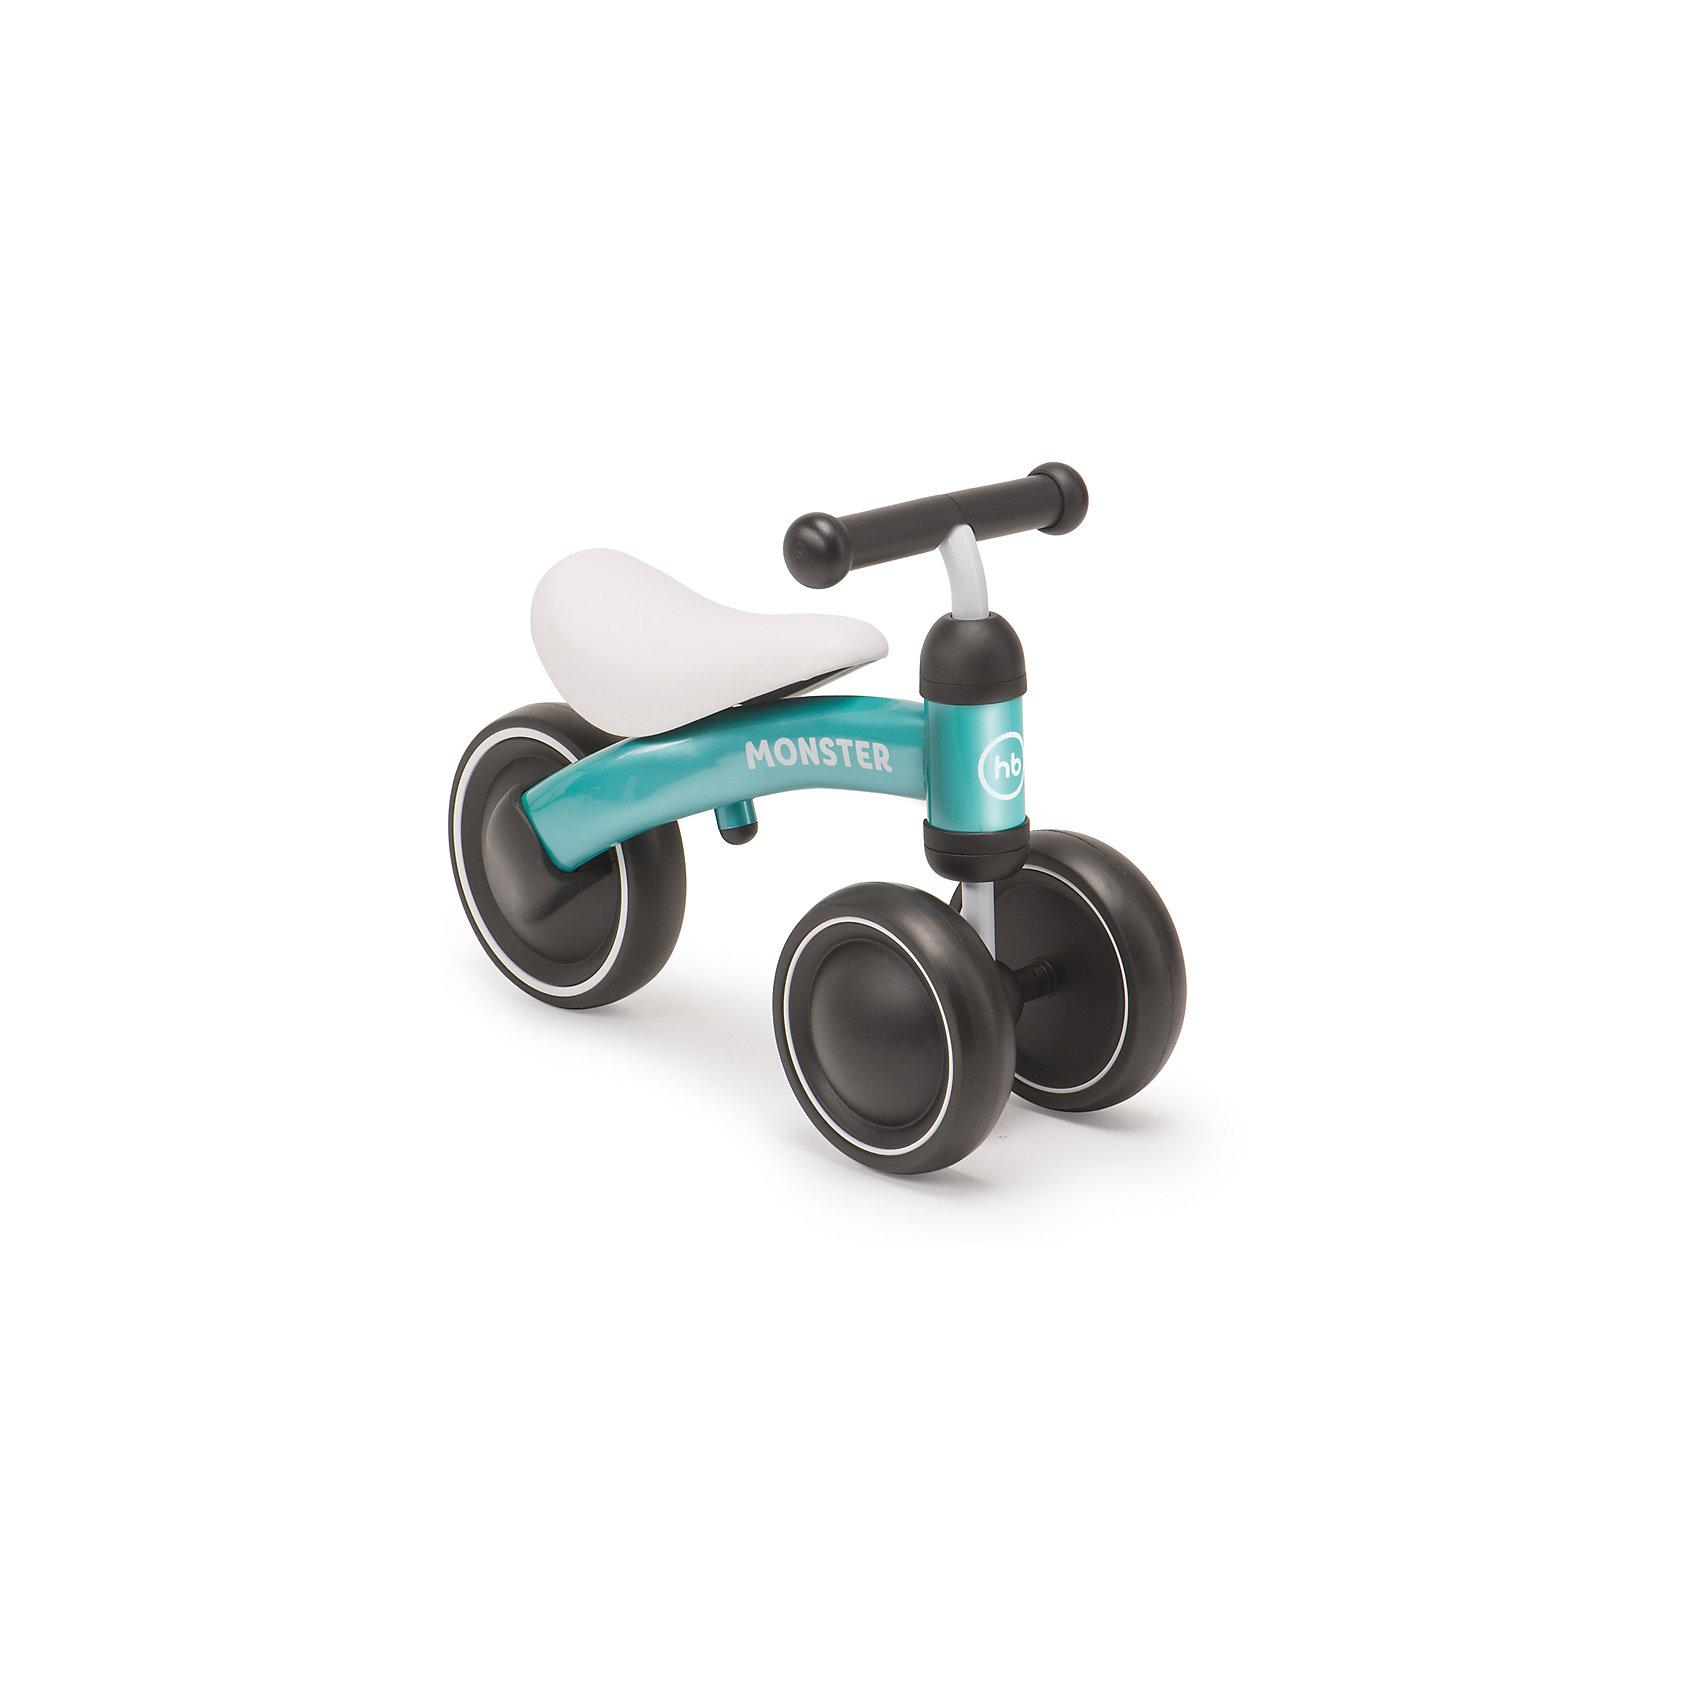 Трехколёсный беговел NEO, голубой, Happy BabyБеговелы<br>Характеристики товара:<br><br>• возраст от 1 года<br>• максимальная нагрузка до 20 кг<br>• рост ребенка 78-95 см<br>• цвет голубой<br>• материал: сталь, пластик, полиуретан<br>• стальная рама<br>• бесшумные колёса<br>• высота сидения 24 см<br>• высота руля 34 см<br>• длина беговела 45 см<br>• вес беговела 1,8 кг<br>• размер упаковки 47х25х17 см<br>• вес упаковки 2,2 кг<br>• страна производитель: Китай<br><br>Трехколесный беговел «NEO», зеленый, Happy Baby разработан специально для самых маленьких детей, которые только учатся кататься на транспортном средстве. Благодаря 2 передним колесам беговел хорошо сохраняет устойчивость и не опрокидывается. Малыш учится кататься, отталкиваясь ножками, сохранять равновесие и координировать движения. <br><br>Рама беговела изготовлена из прочной стали. Большие колеса обеспечивают бесшумную езду.<br><br>Трехколесный беговел «NEO», зеленый, Happy Baby можно приобрести в нашем интернет-магазине.<br><br>Ширина мм: 470<br>Глубина мм: 170<br>Высота мм: 250<br>Вес г: 2200<br>Возраст от месяцев: 12<br>Возраст до месяцев: 36<br>Пол: Унисекс<br>Возраст: Детский<br>SKU: 5527348